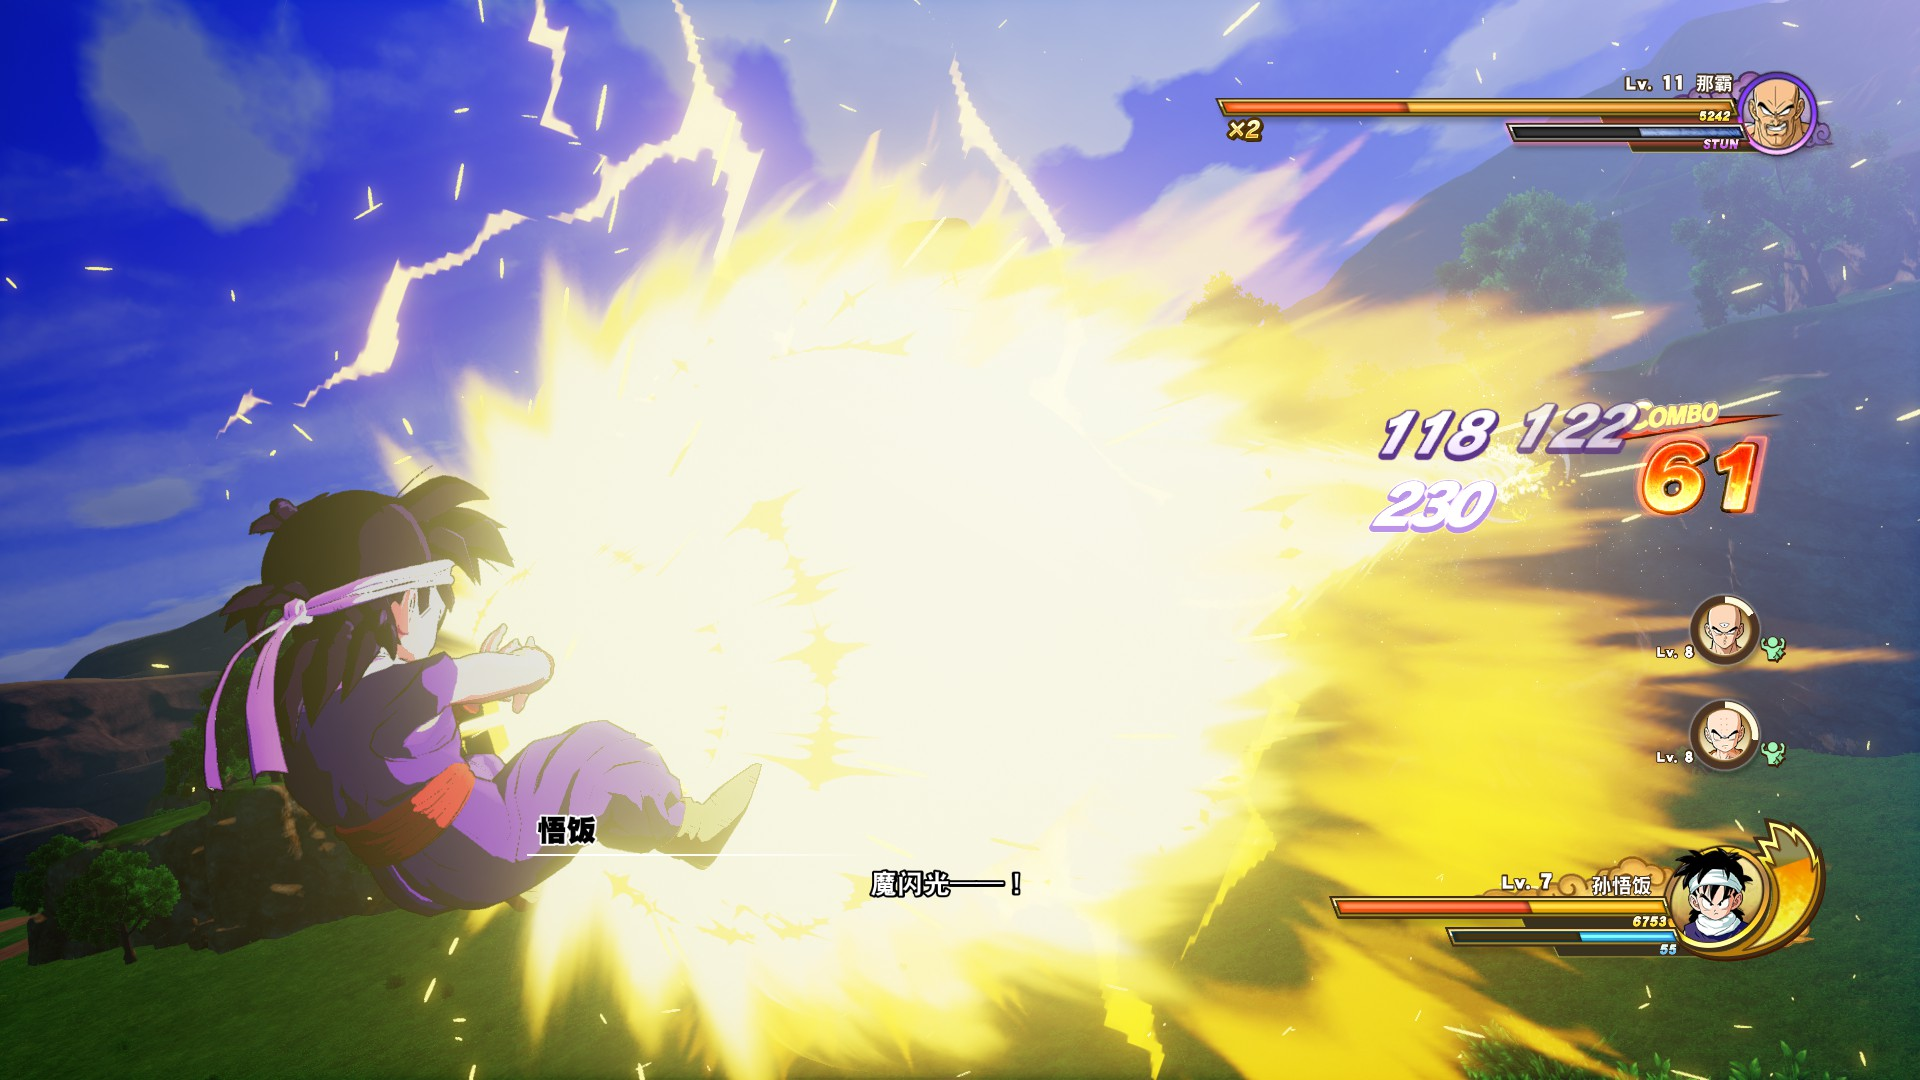 《龙珠Z:卡卡罗特》评测:这是最好的龙珠游戏吗?